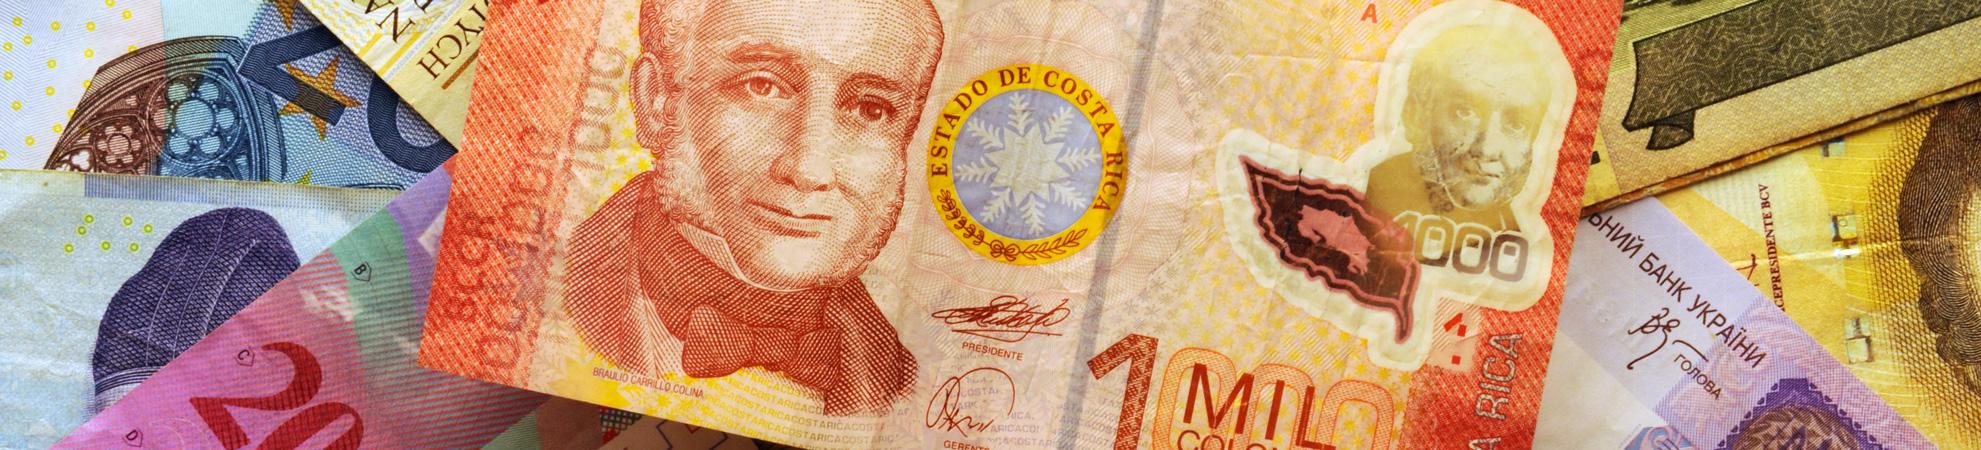 Costa Rica : Argent et budget